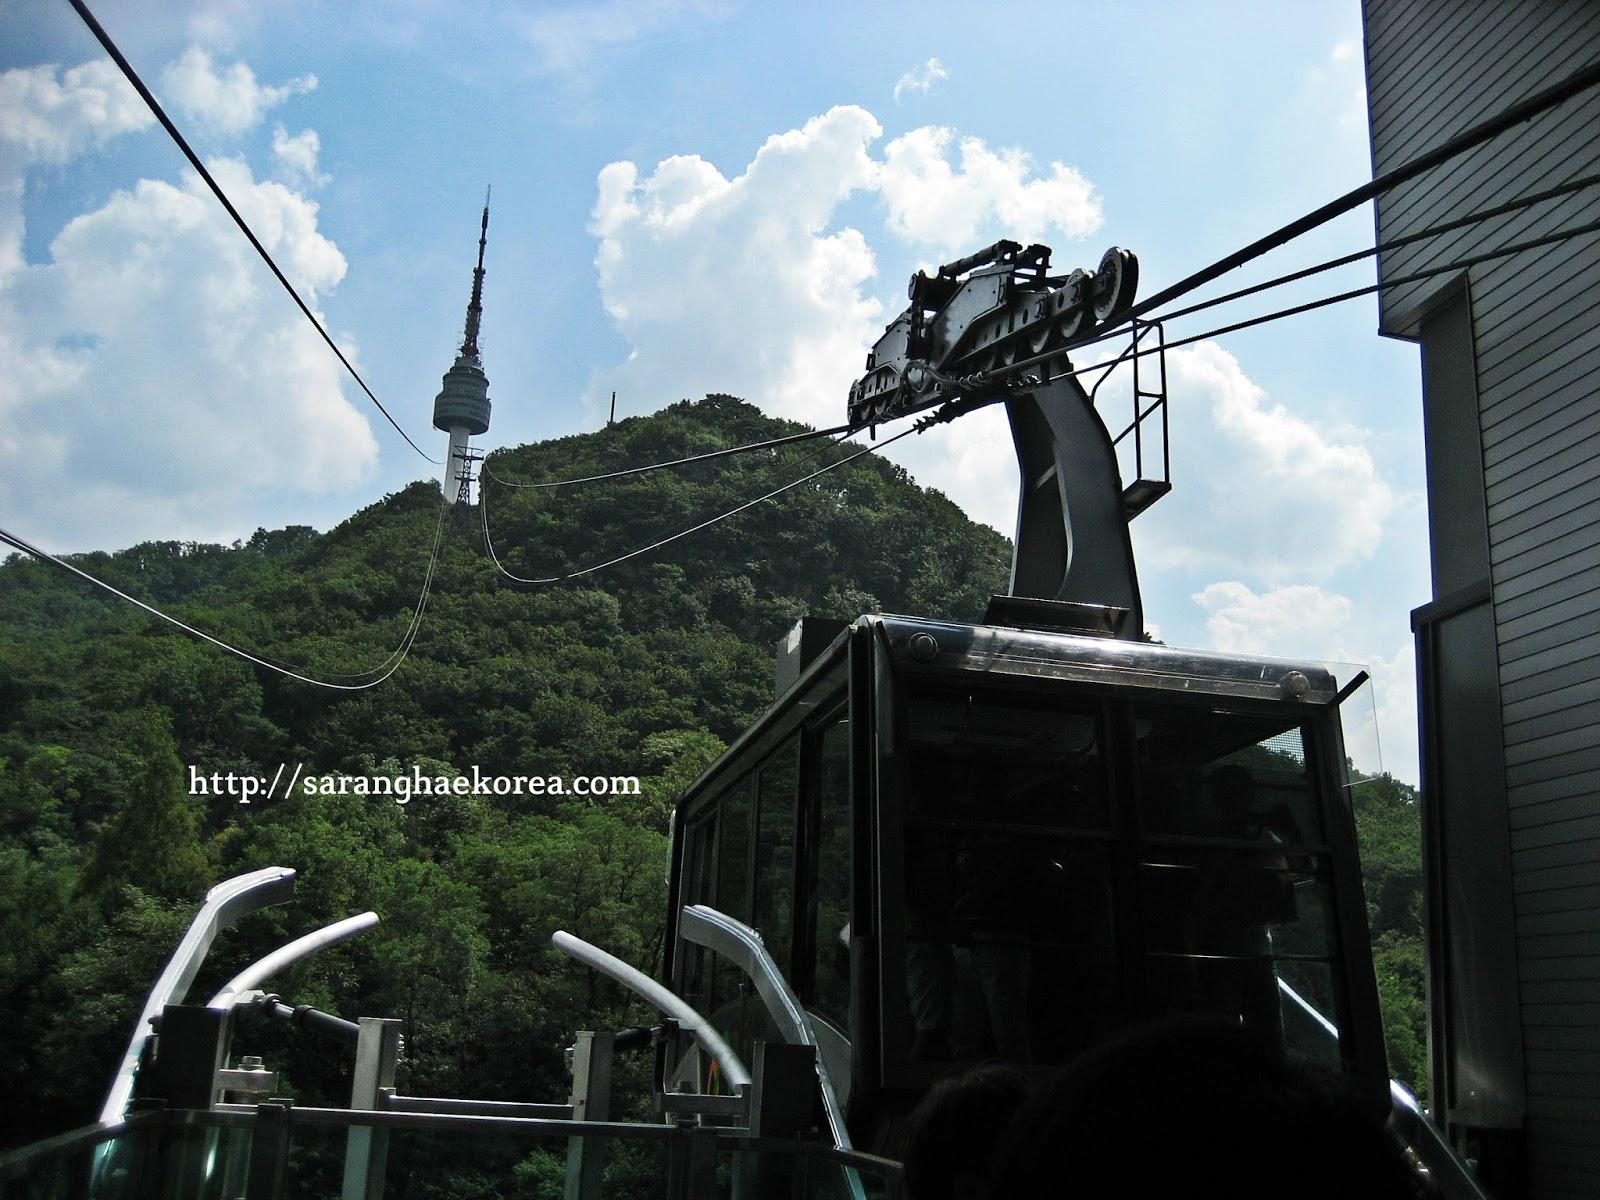 Namsan cable car - 6 Fun Activities You Can Enjoy At Namsan Seoul Tower